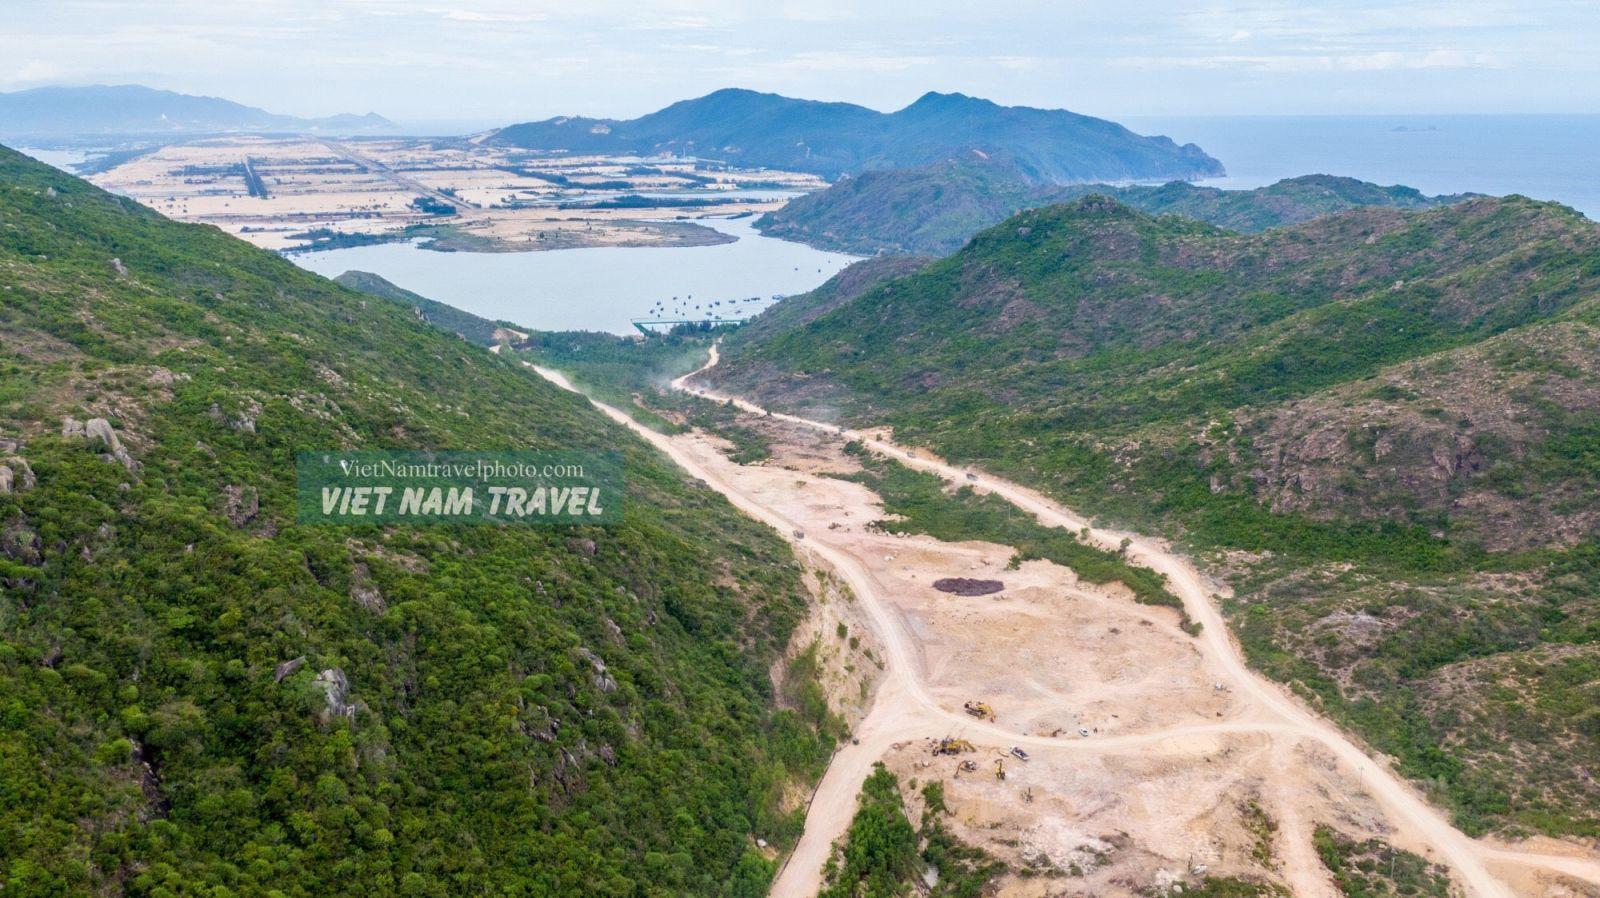 Hình Ảnh Thực Tế Hải Giang Merry Land Nhìn Từ Trên Cao